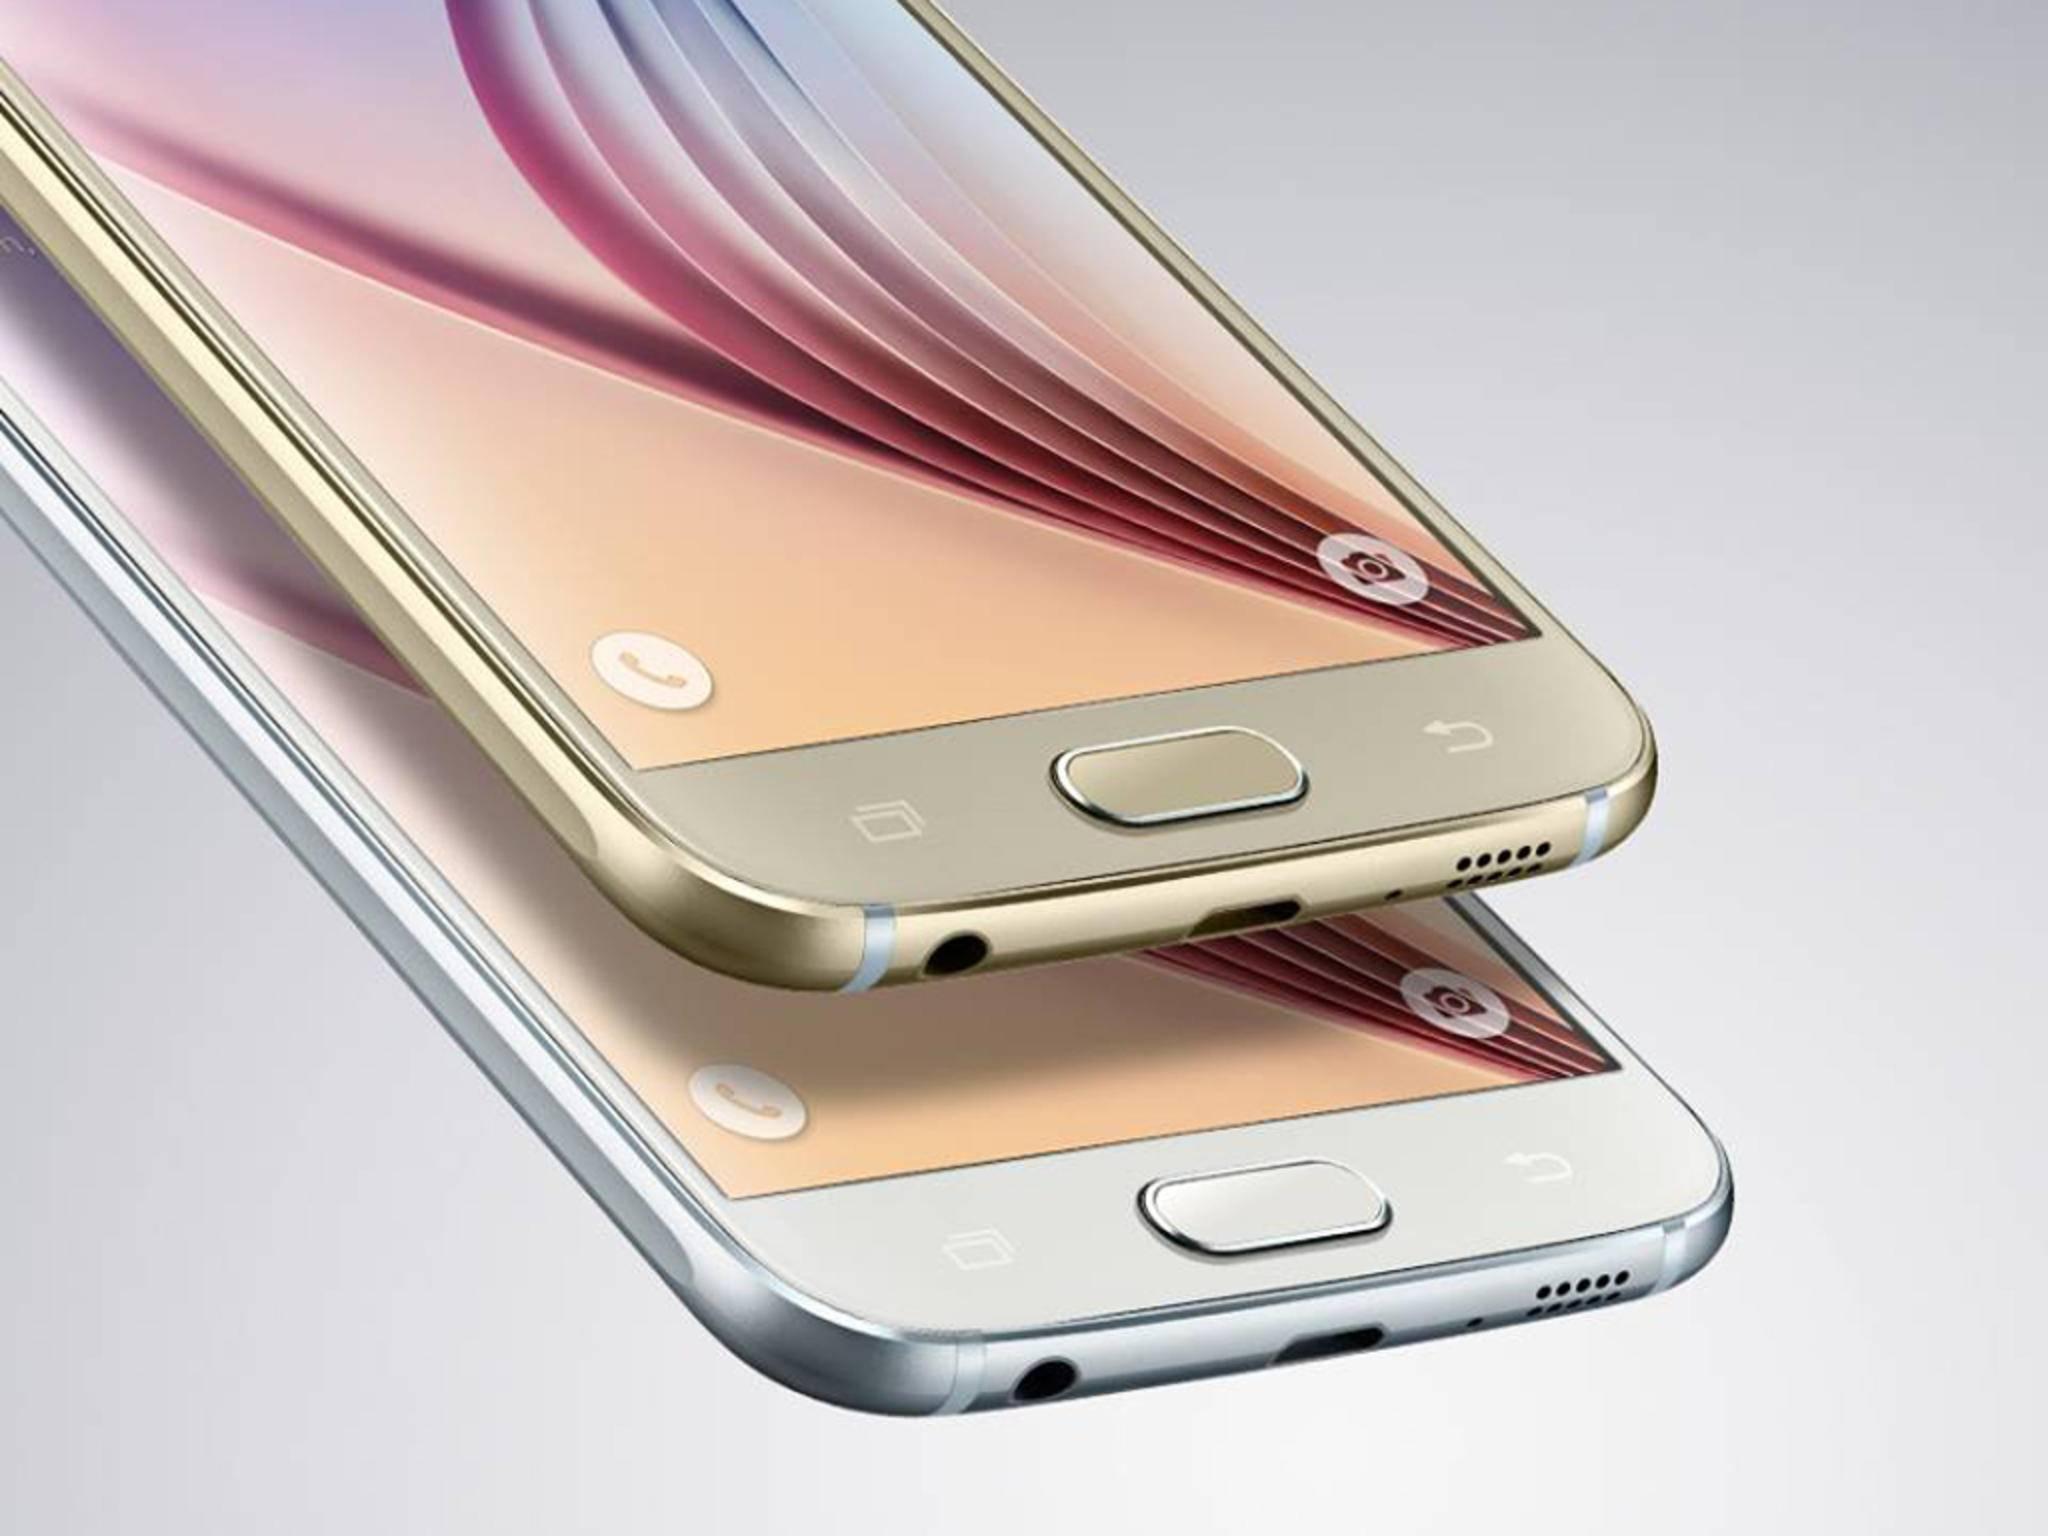 Das Samsung Galaxy S6 ist eines der Highlights des MWC 2015.